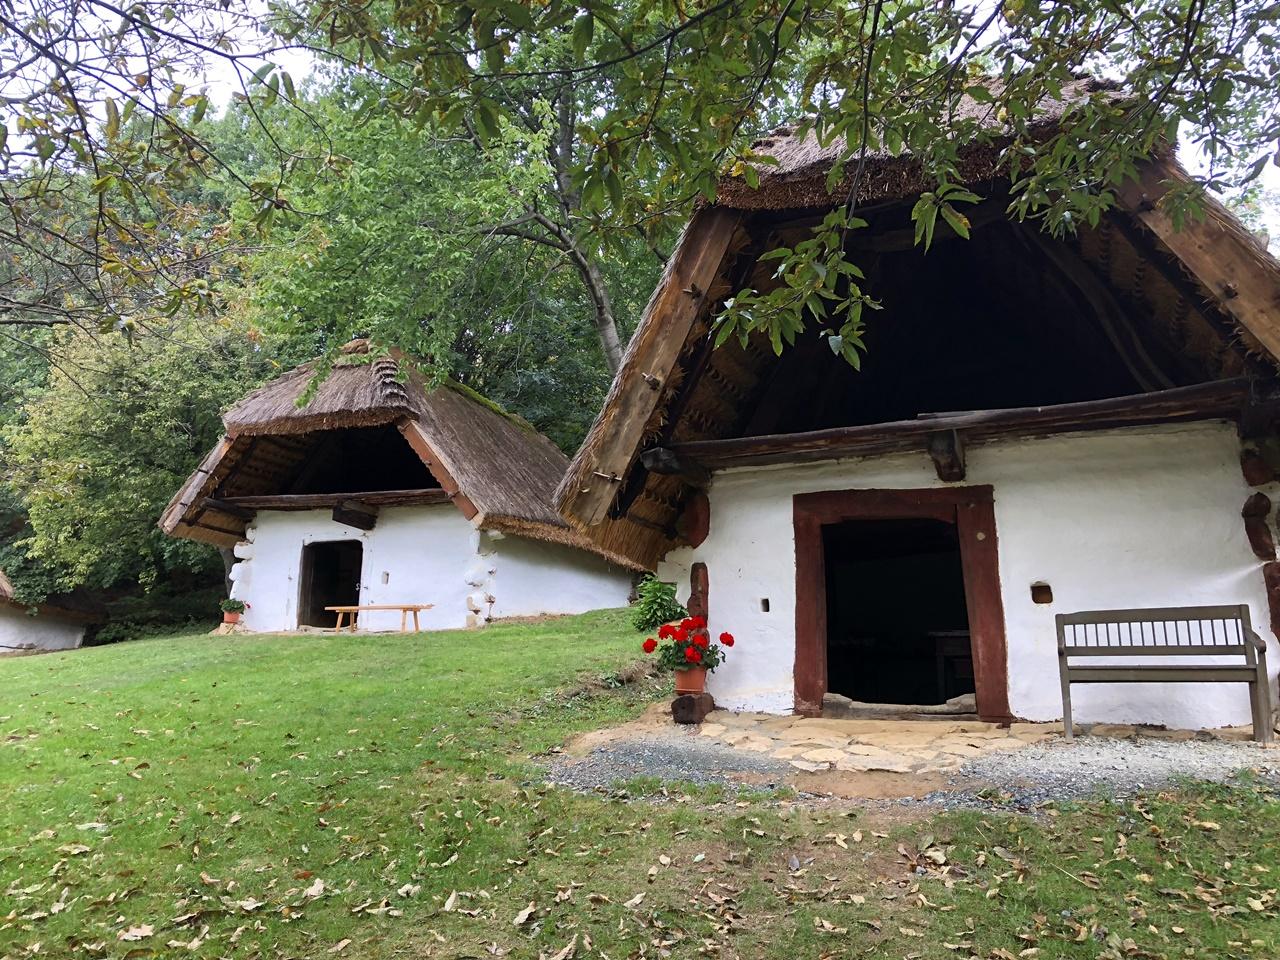 7 bakancslistás hely Magyarországon, amit látnod kell